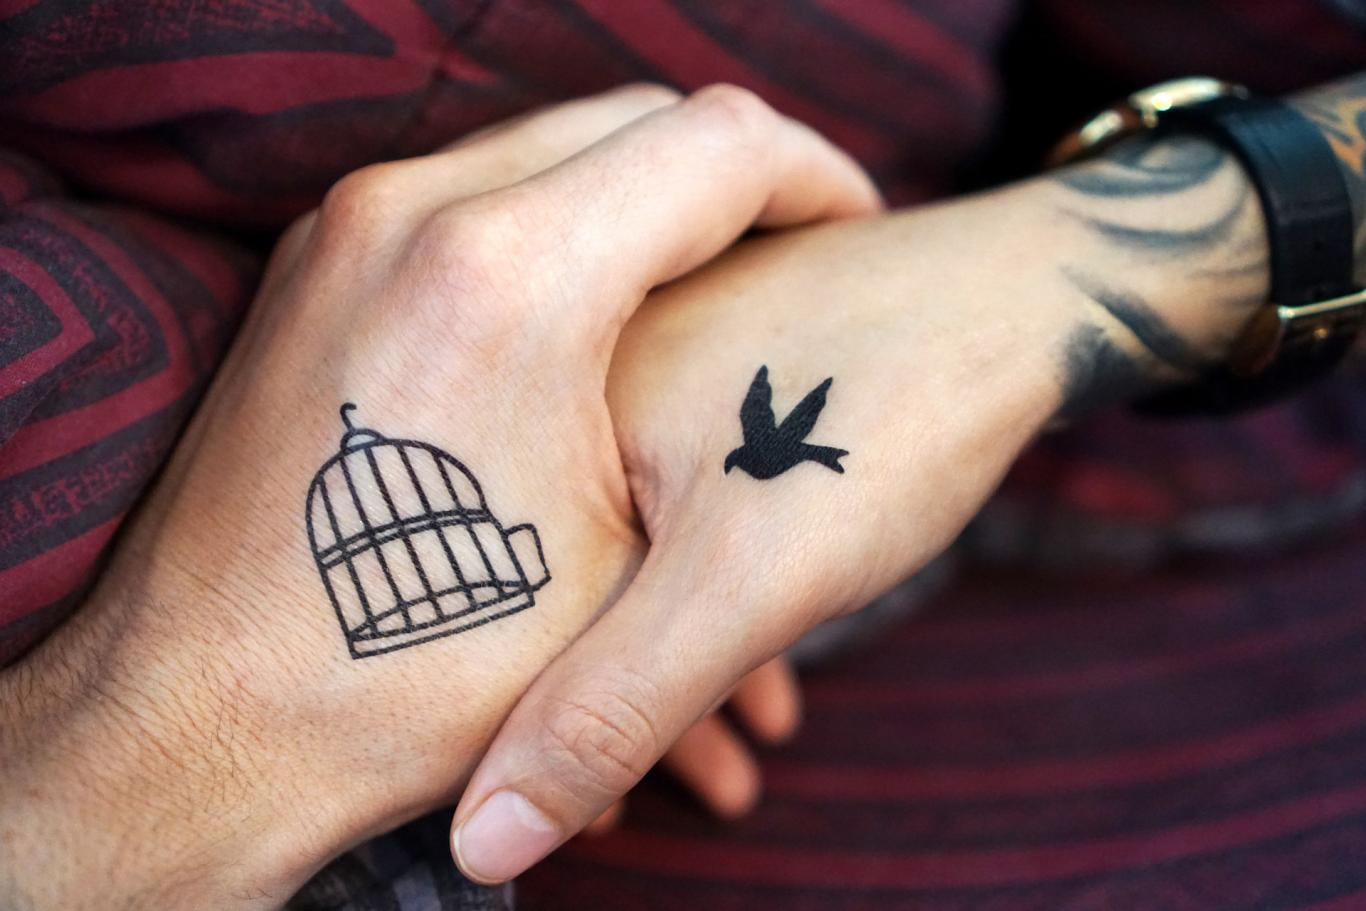 Tatuajes Y Piercing Protección De Los Consumidores Comunidad De